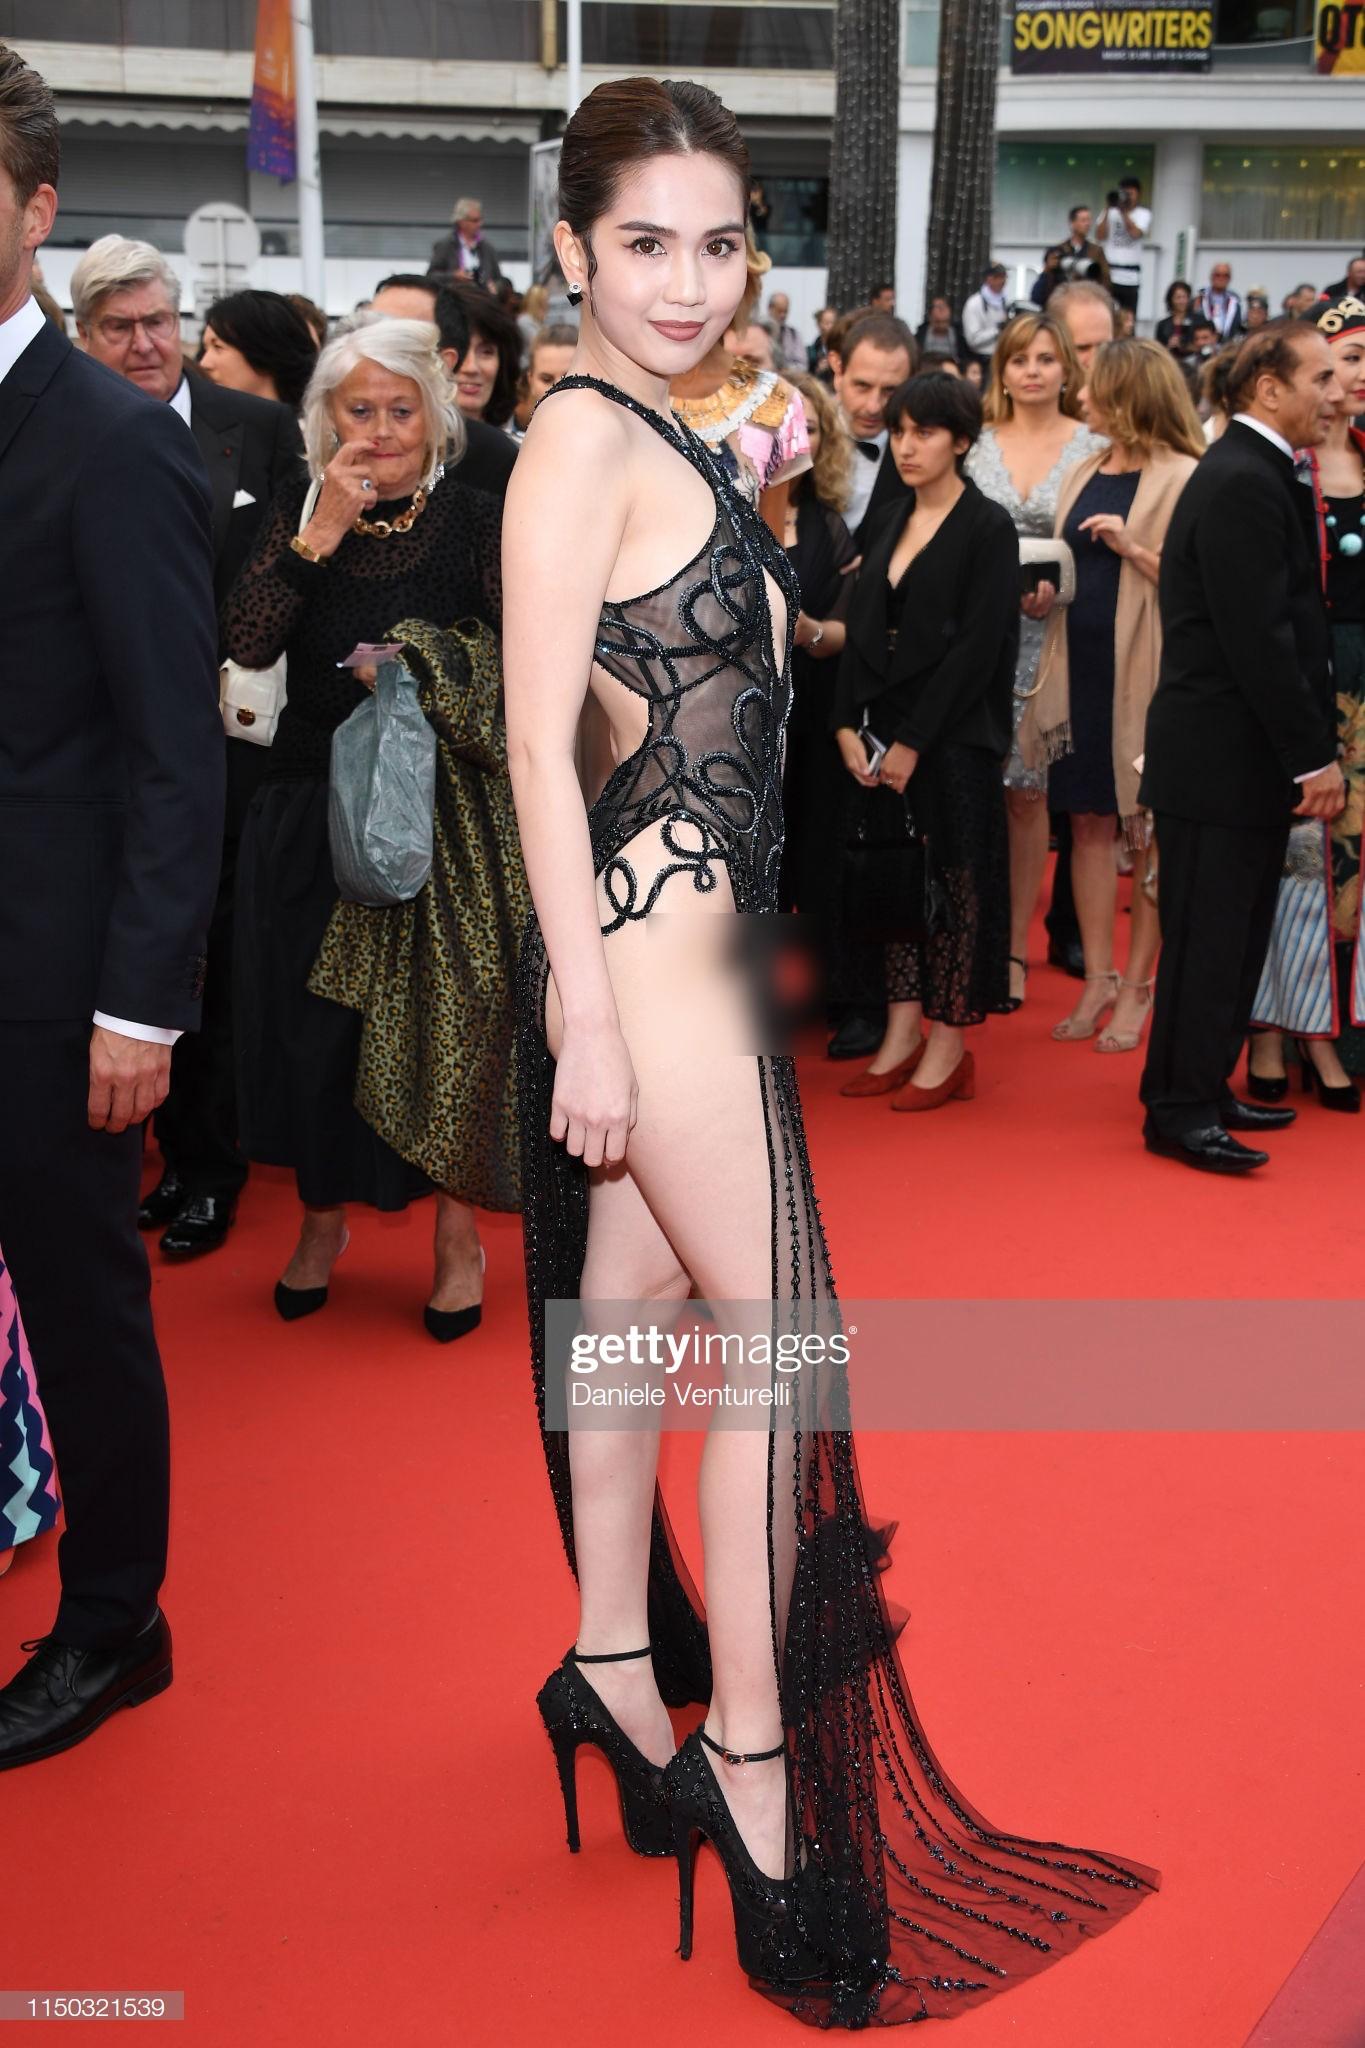 Đọ nhan sắc của Ngọc Trinh trên thảm đỏ Cannes khi chưa và đã qua phù thuỷ photoshop - Ảnh 10.